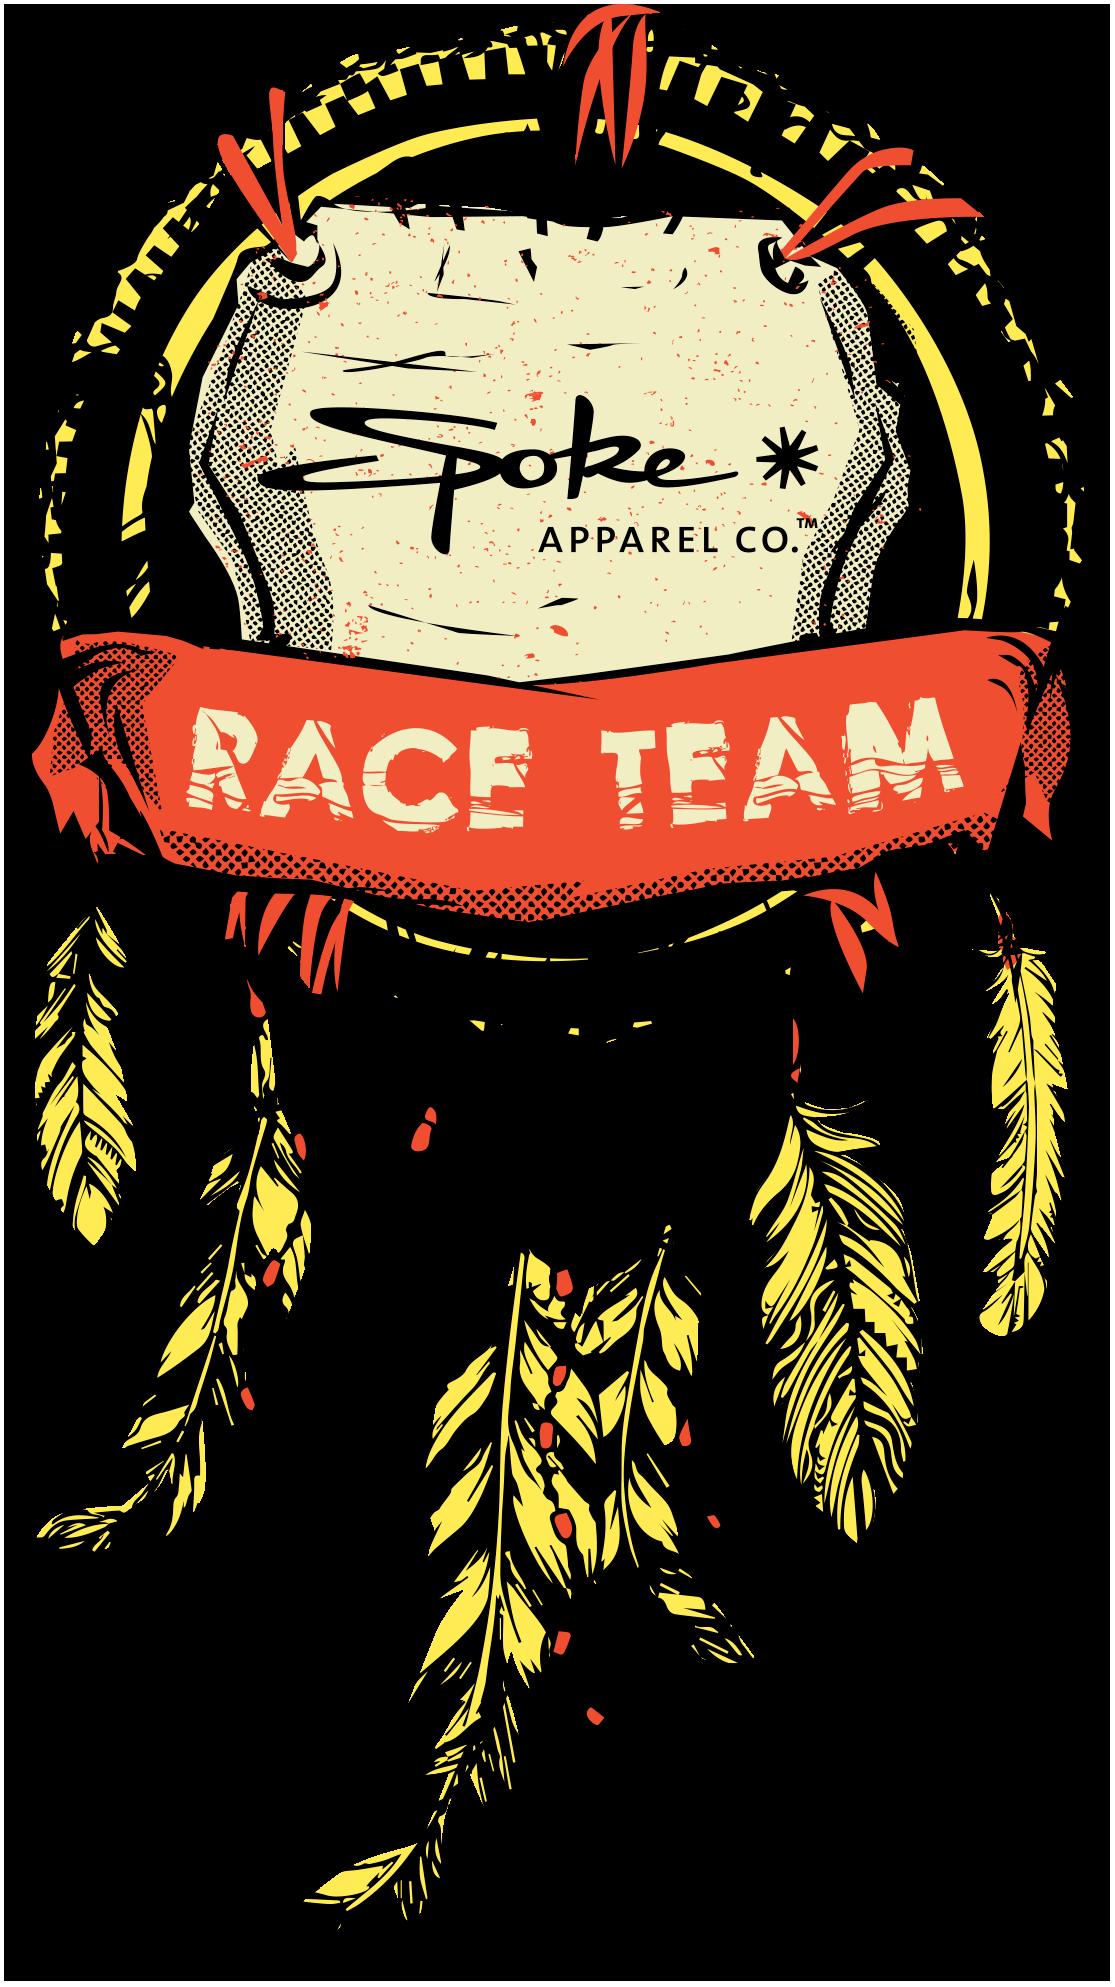 Spoke Race Team